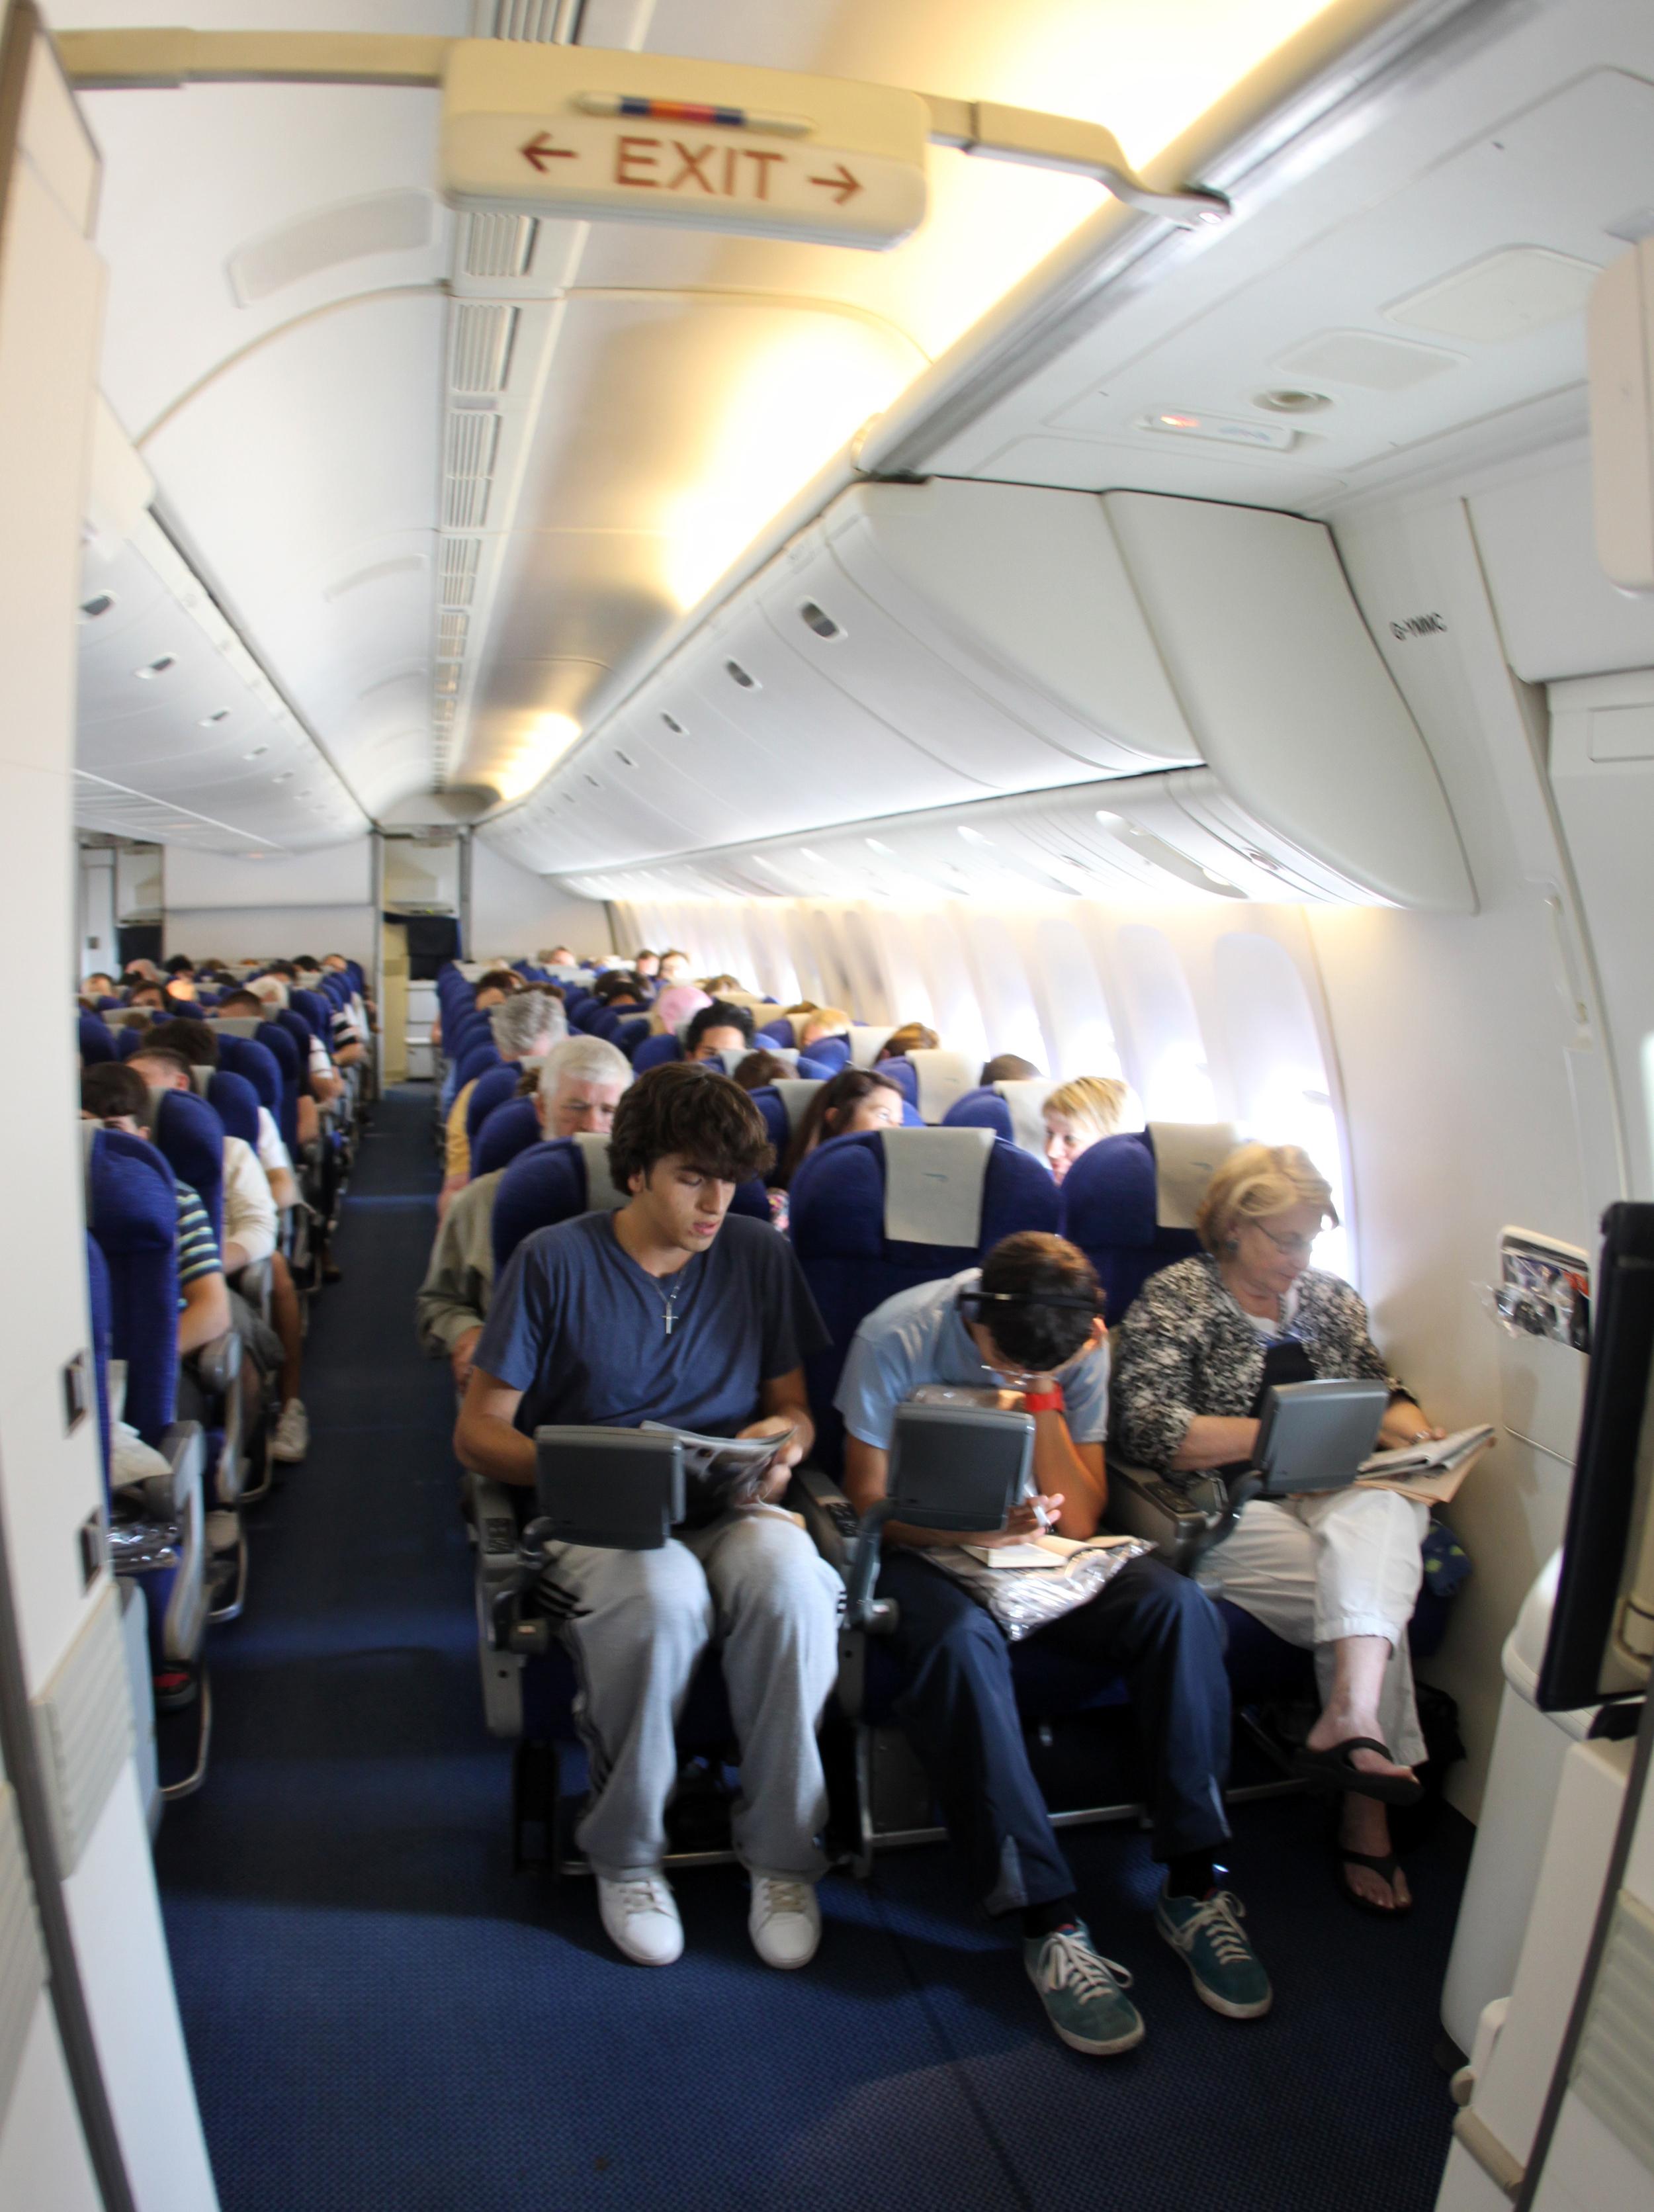 British Airways World Traveler Coach